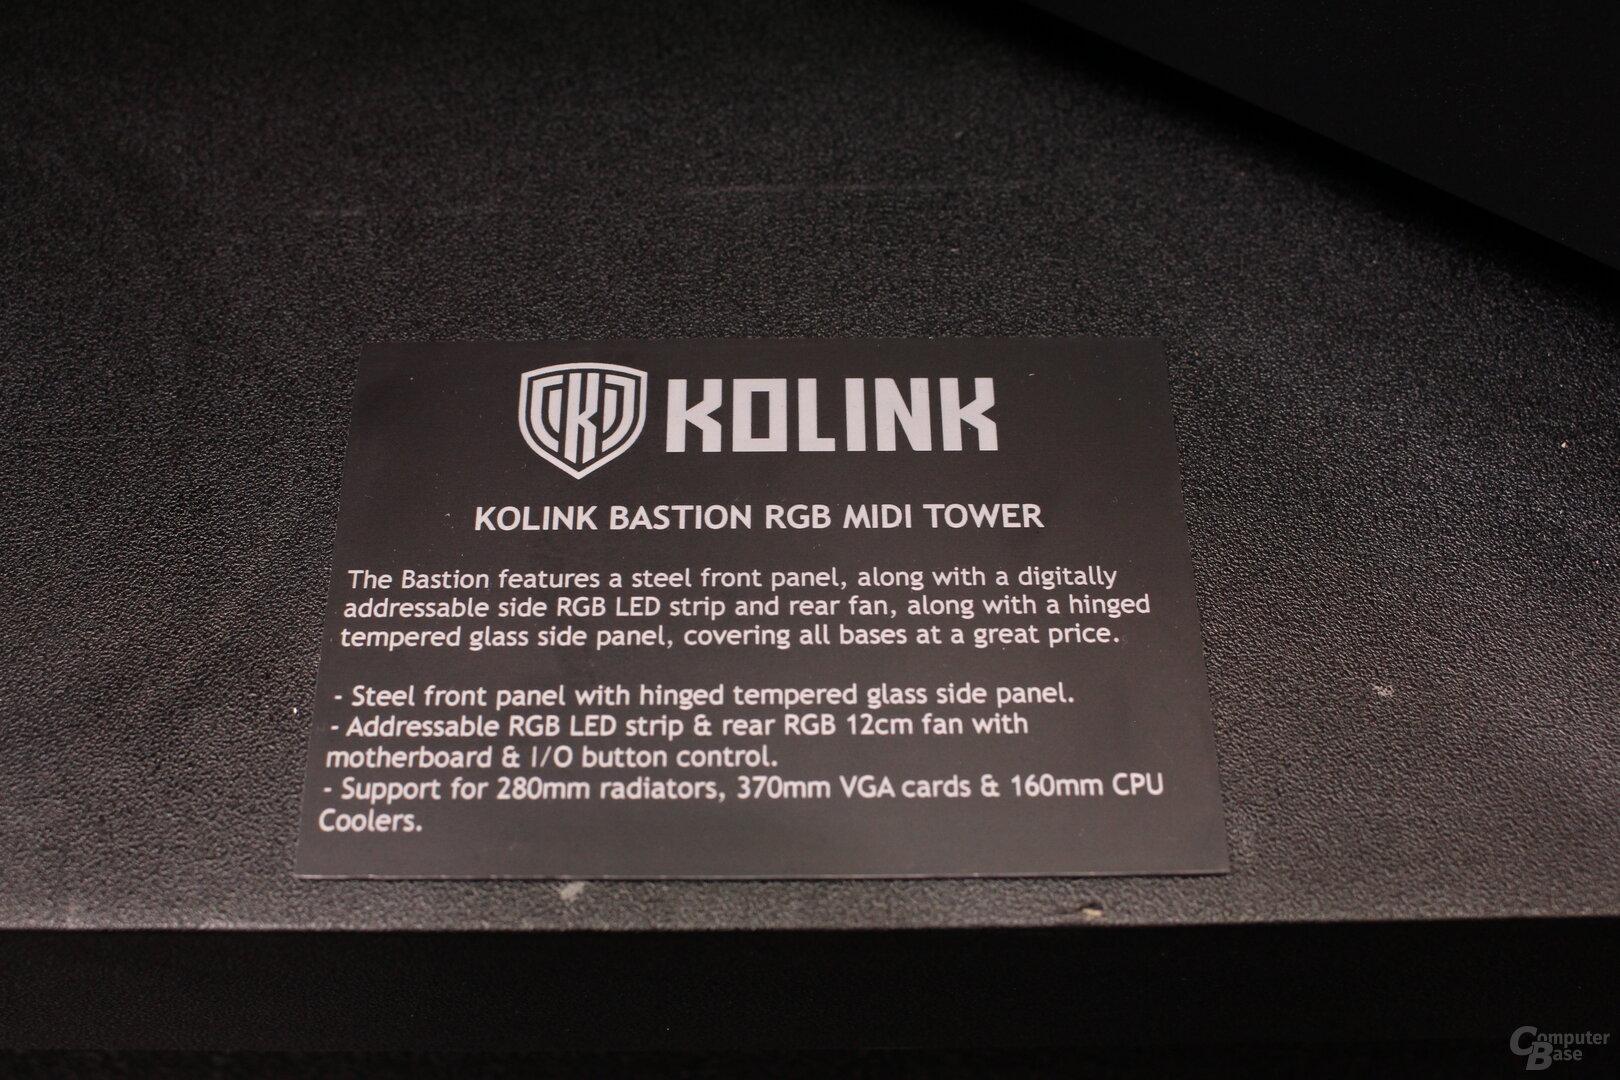 Kolink Bastion RGB